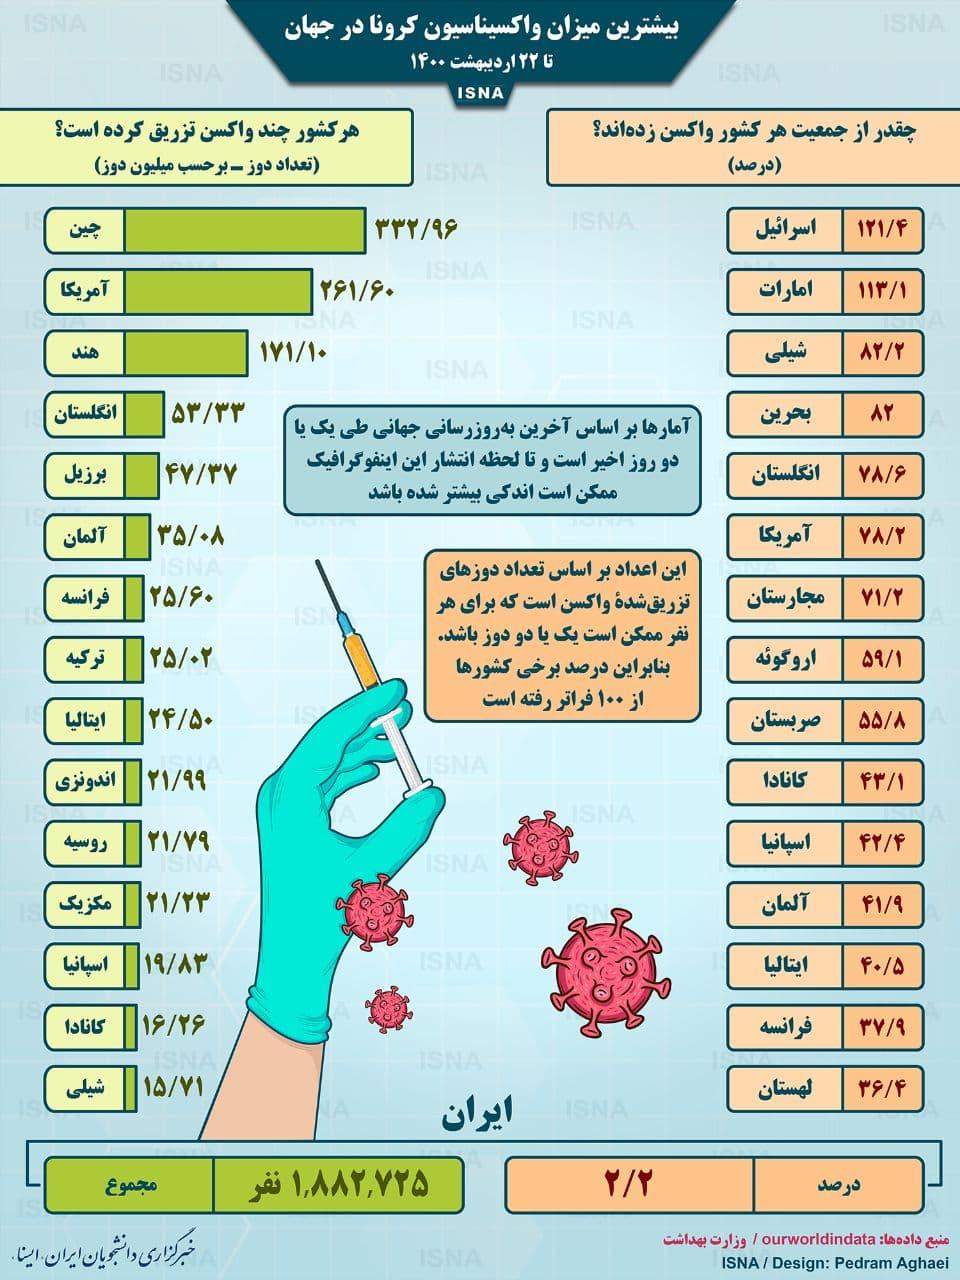 واکسیناسیون کرونا در جهان تا ۲۲ اردیبهشت (اینفوگرافیک)